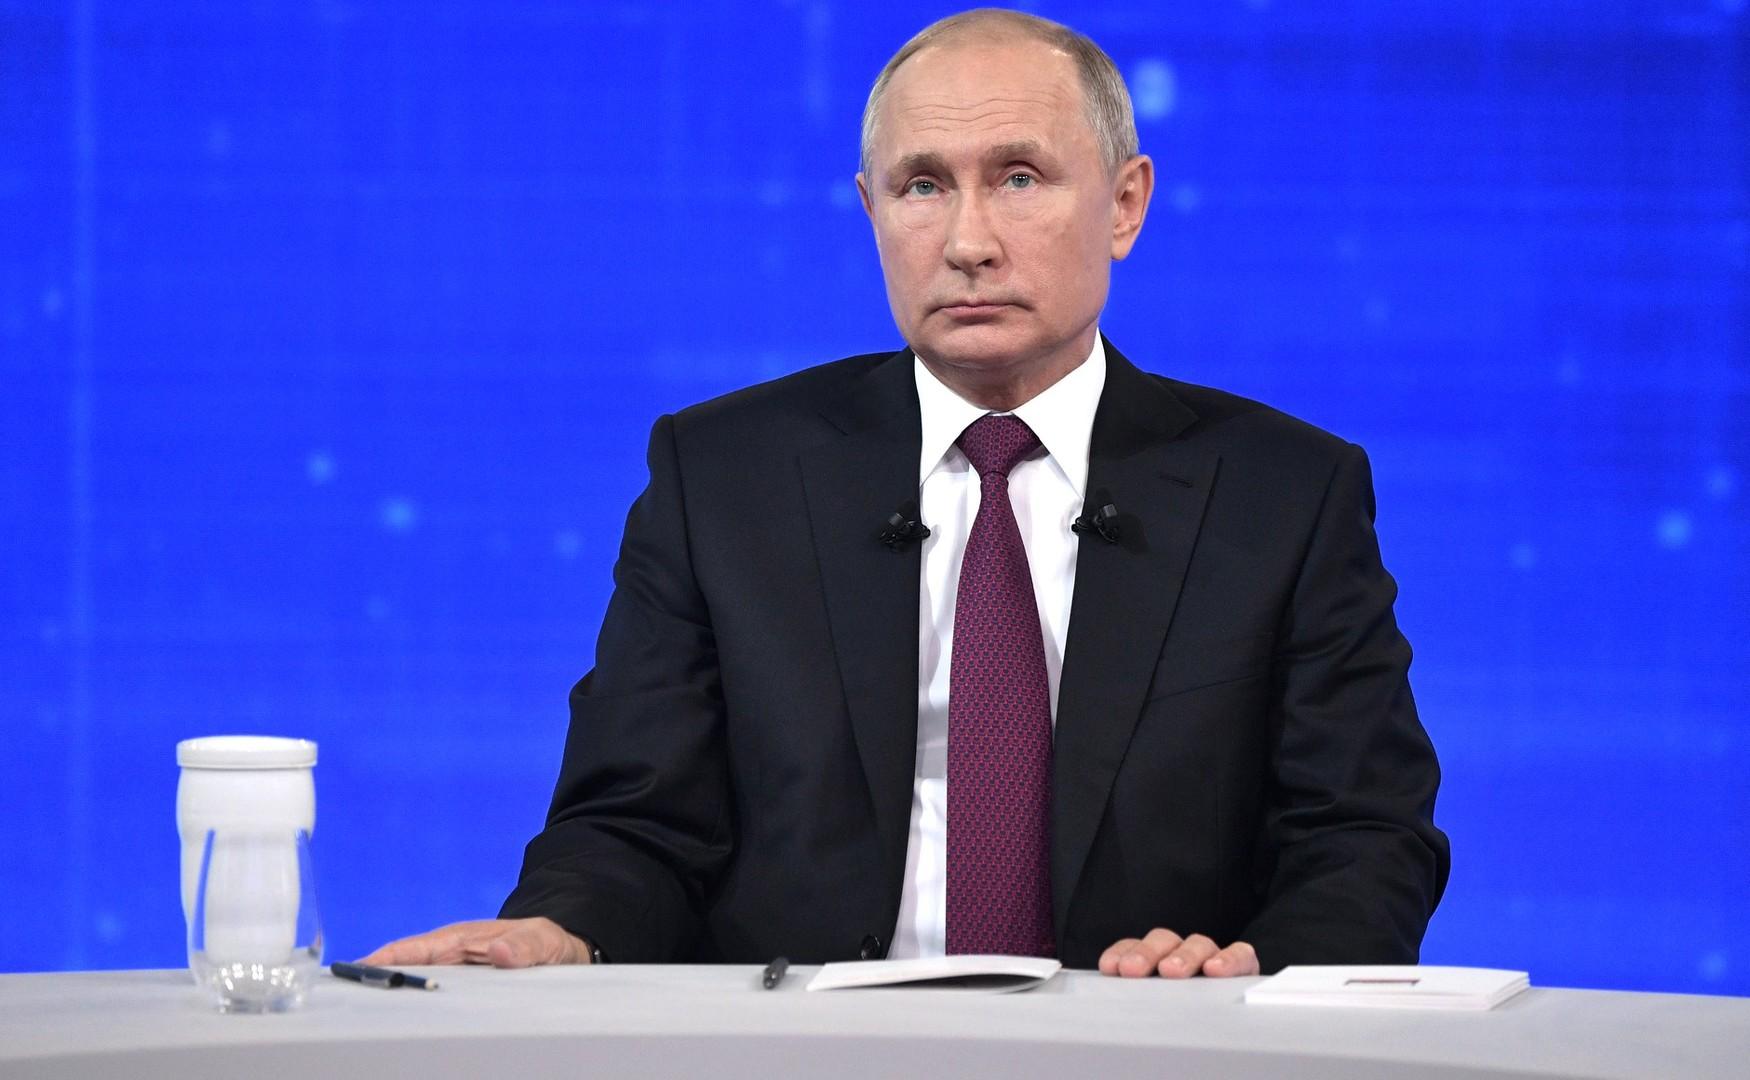 فيديو.. بوتين يحبس دمعه مستذكرا قصة مسنّة روسية